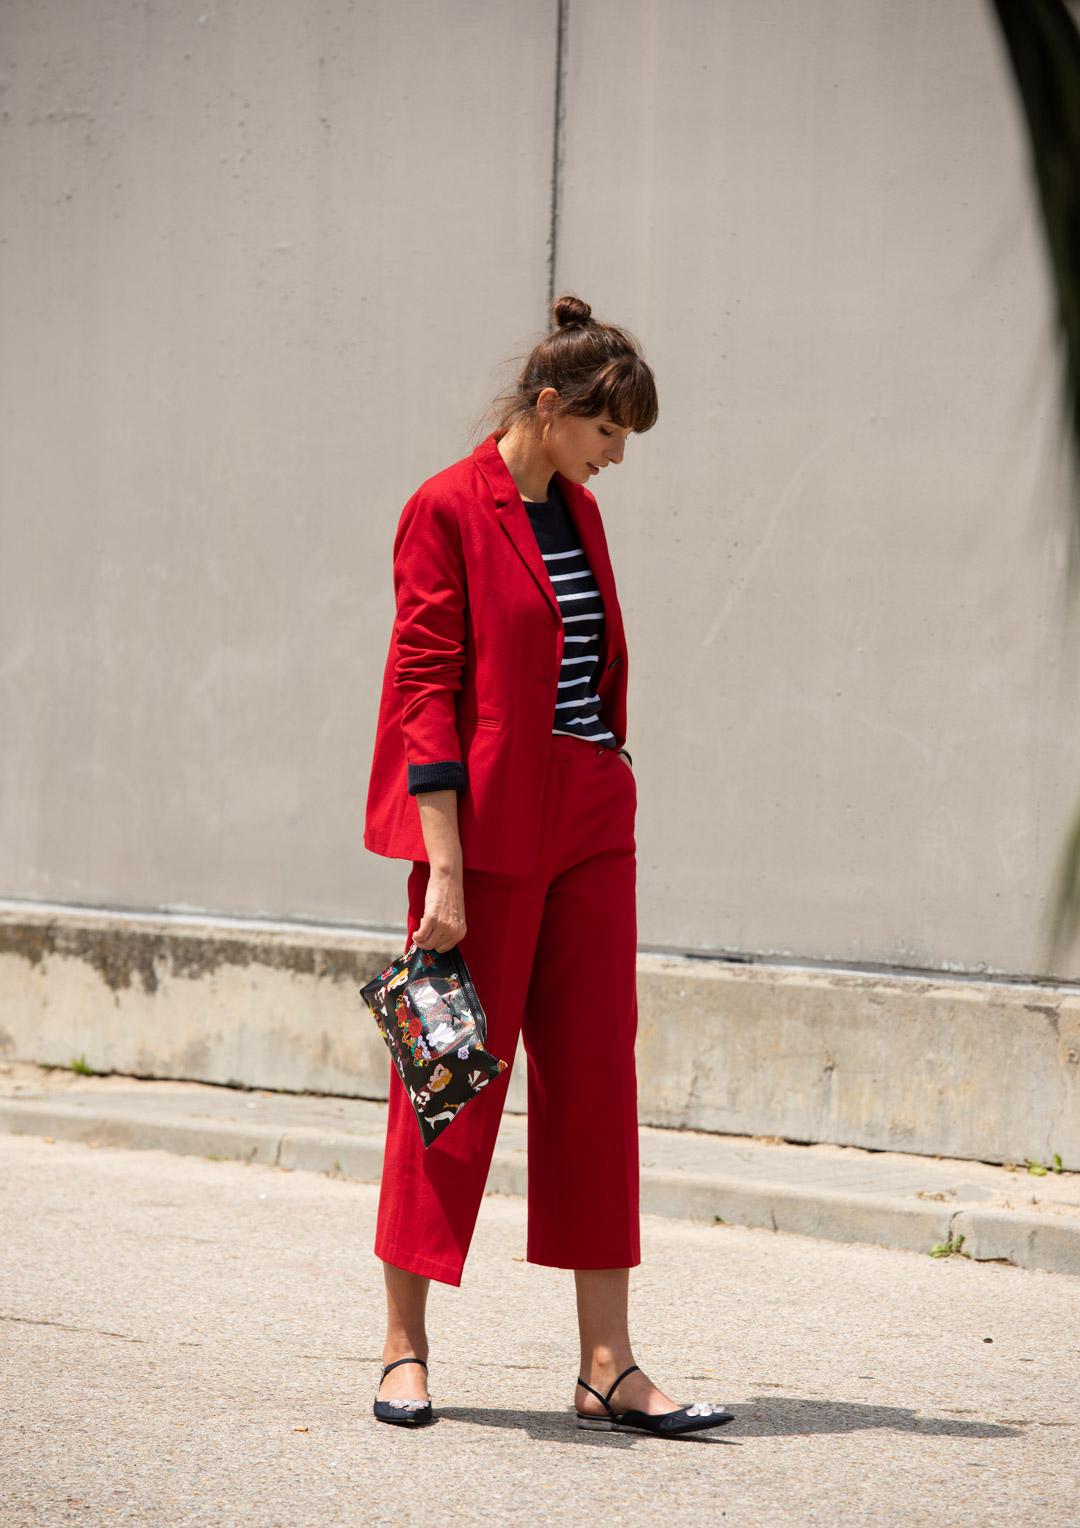 red-suit-street-style-mayte-de-la-iglesia-web-02